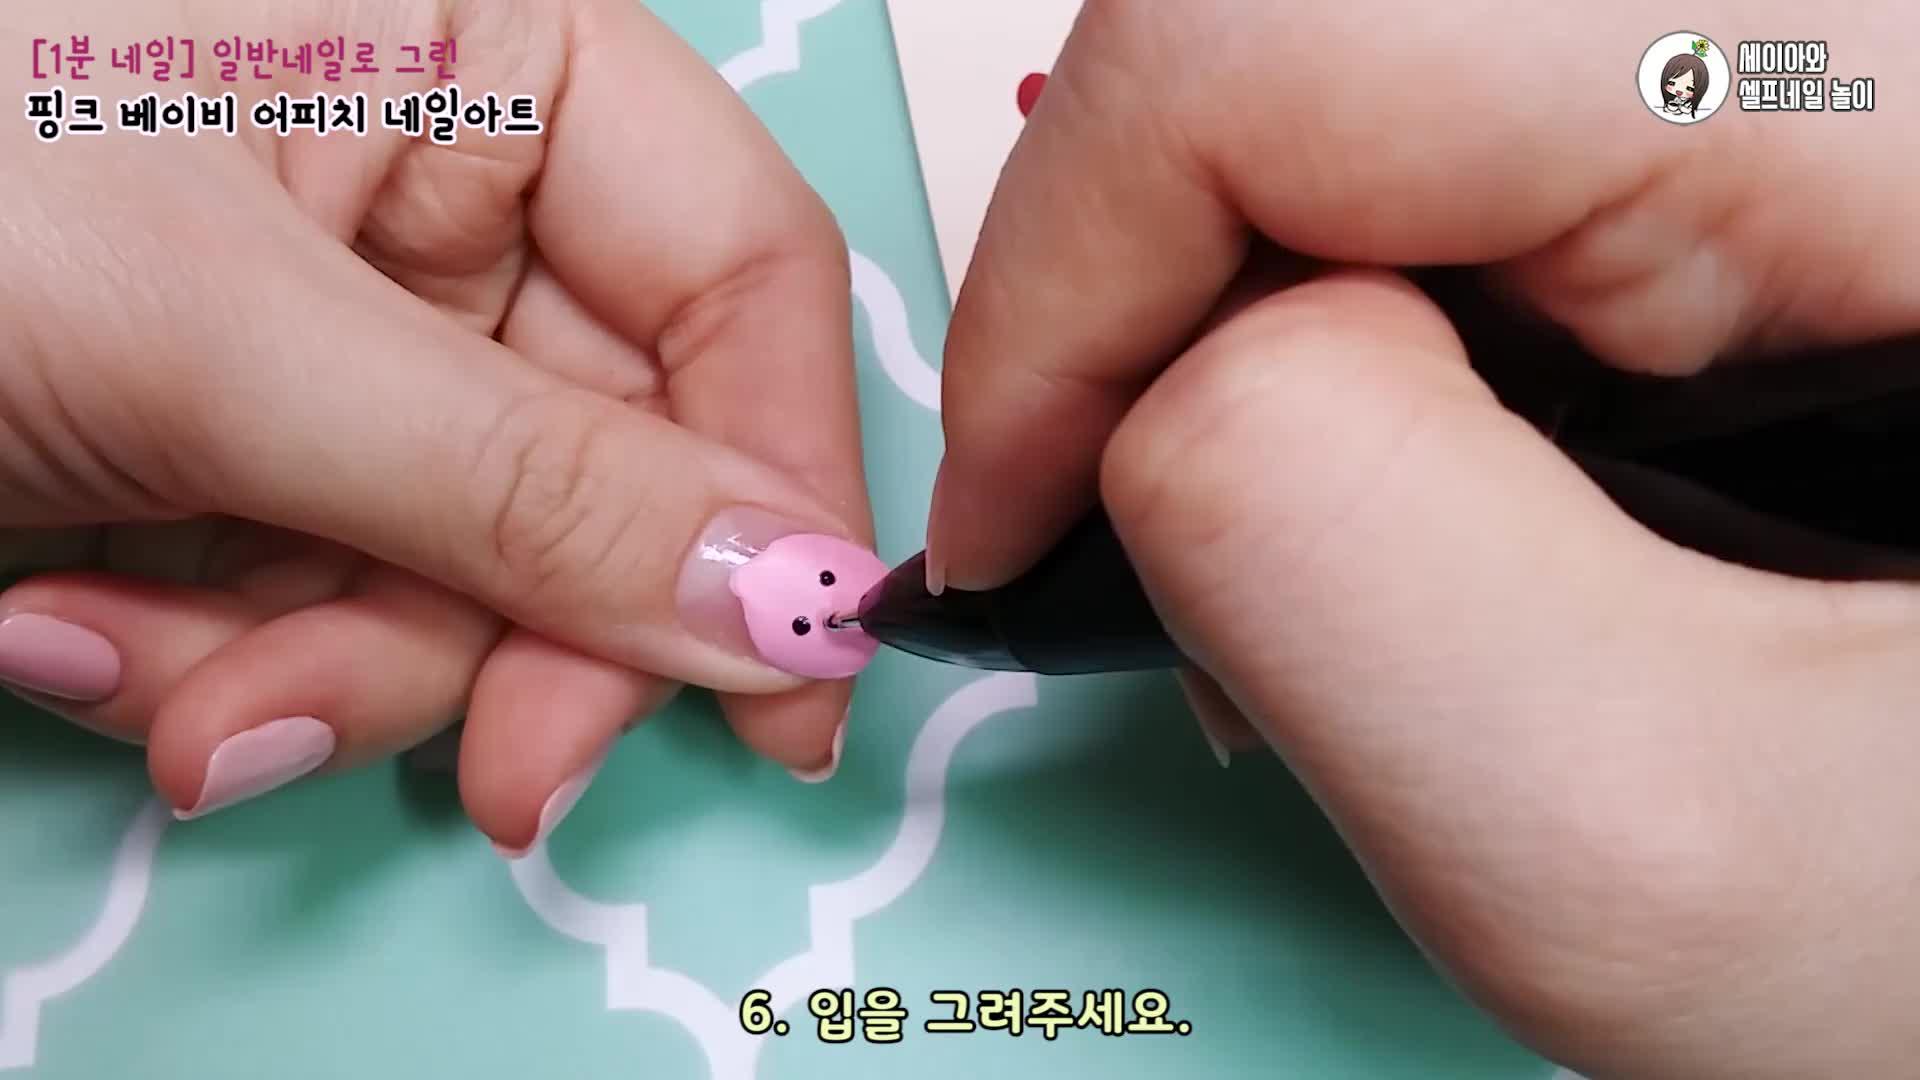 [1분팁] 핑크 베이비 어피치 셀프일반네일 하는 법 /KAKAO FRIEND BABY APEACH NAIL ART